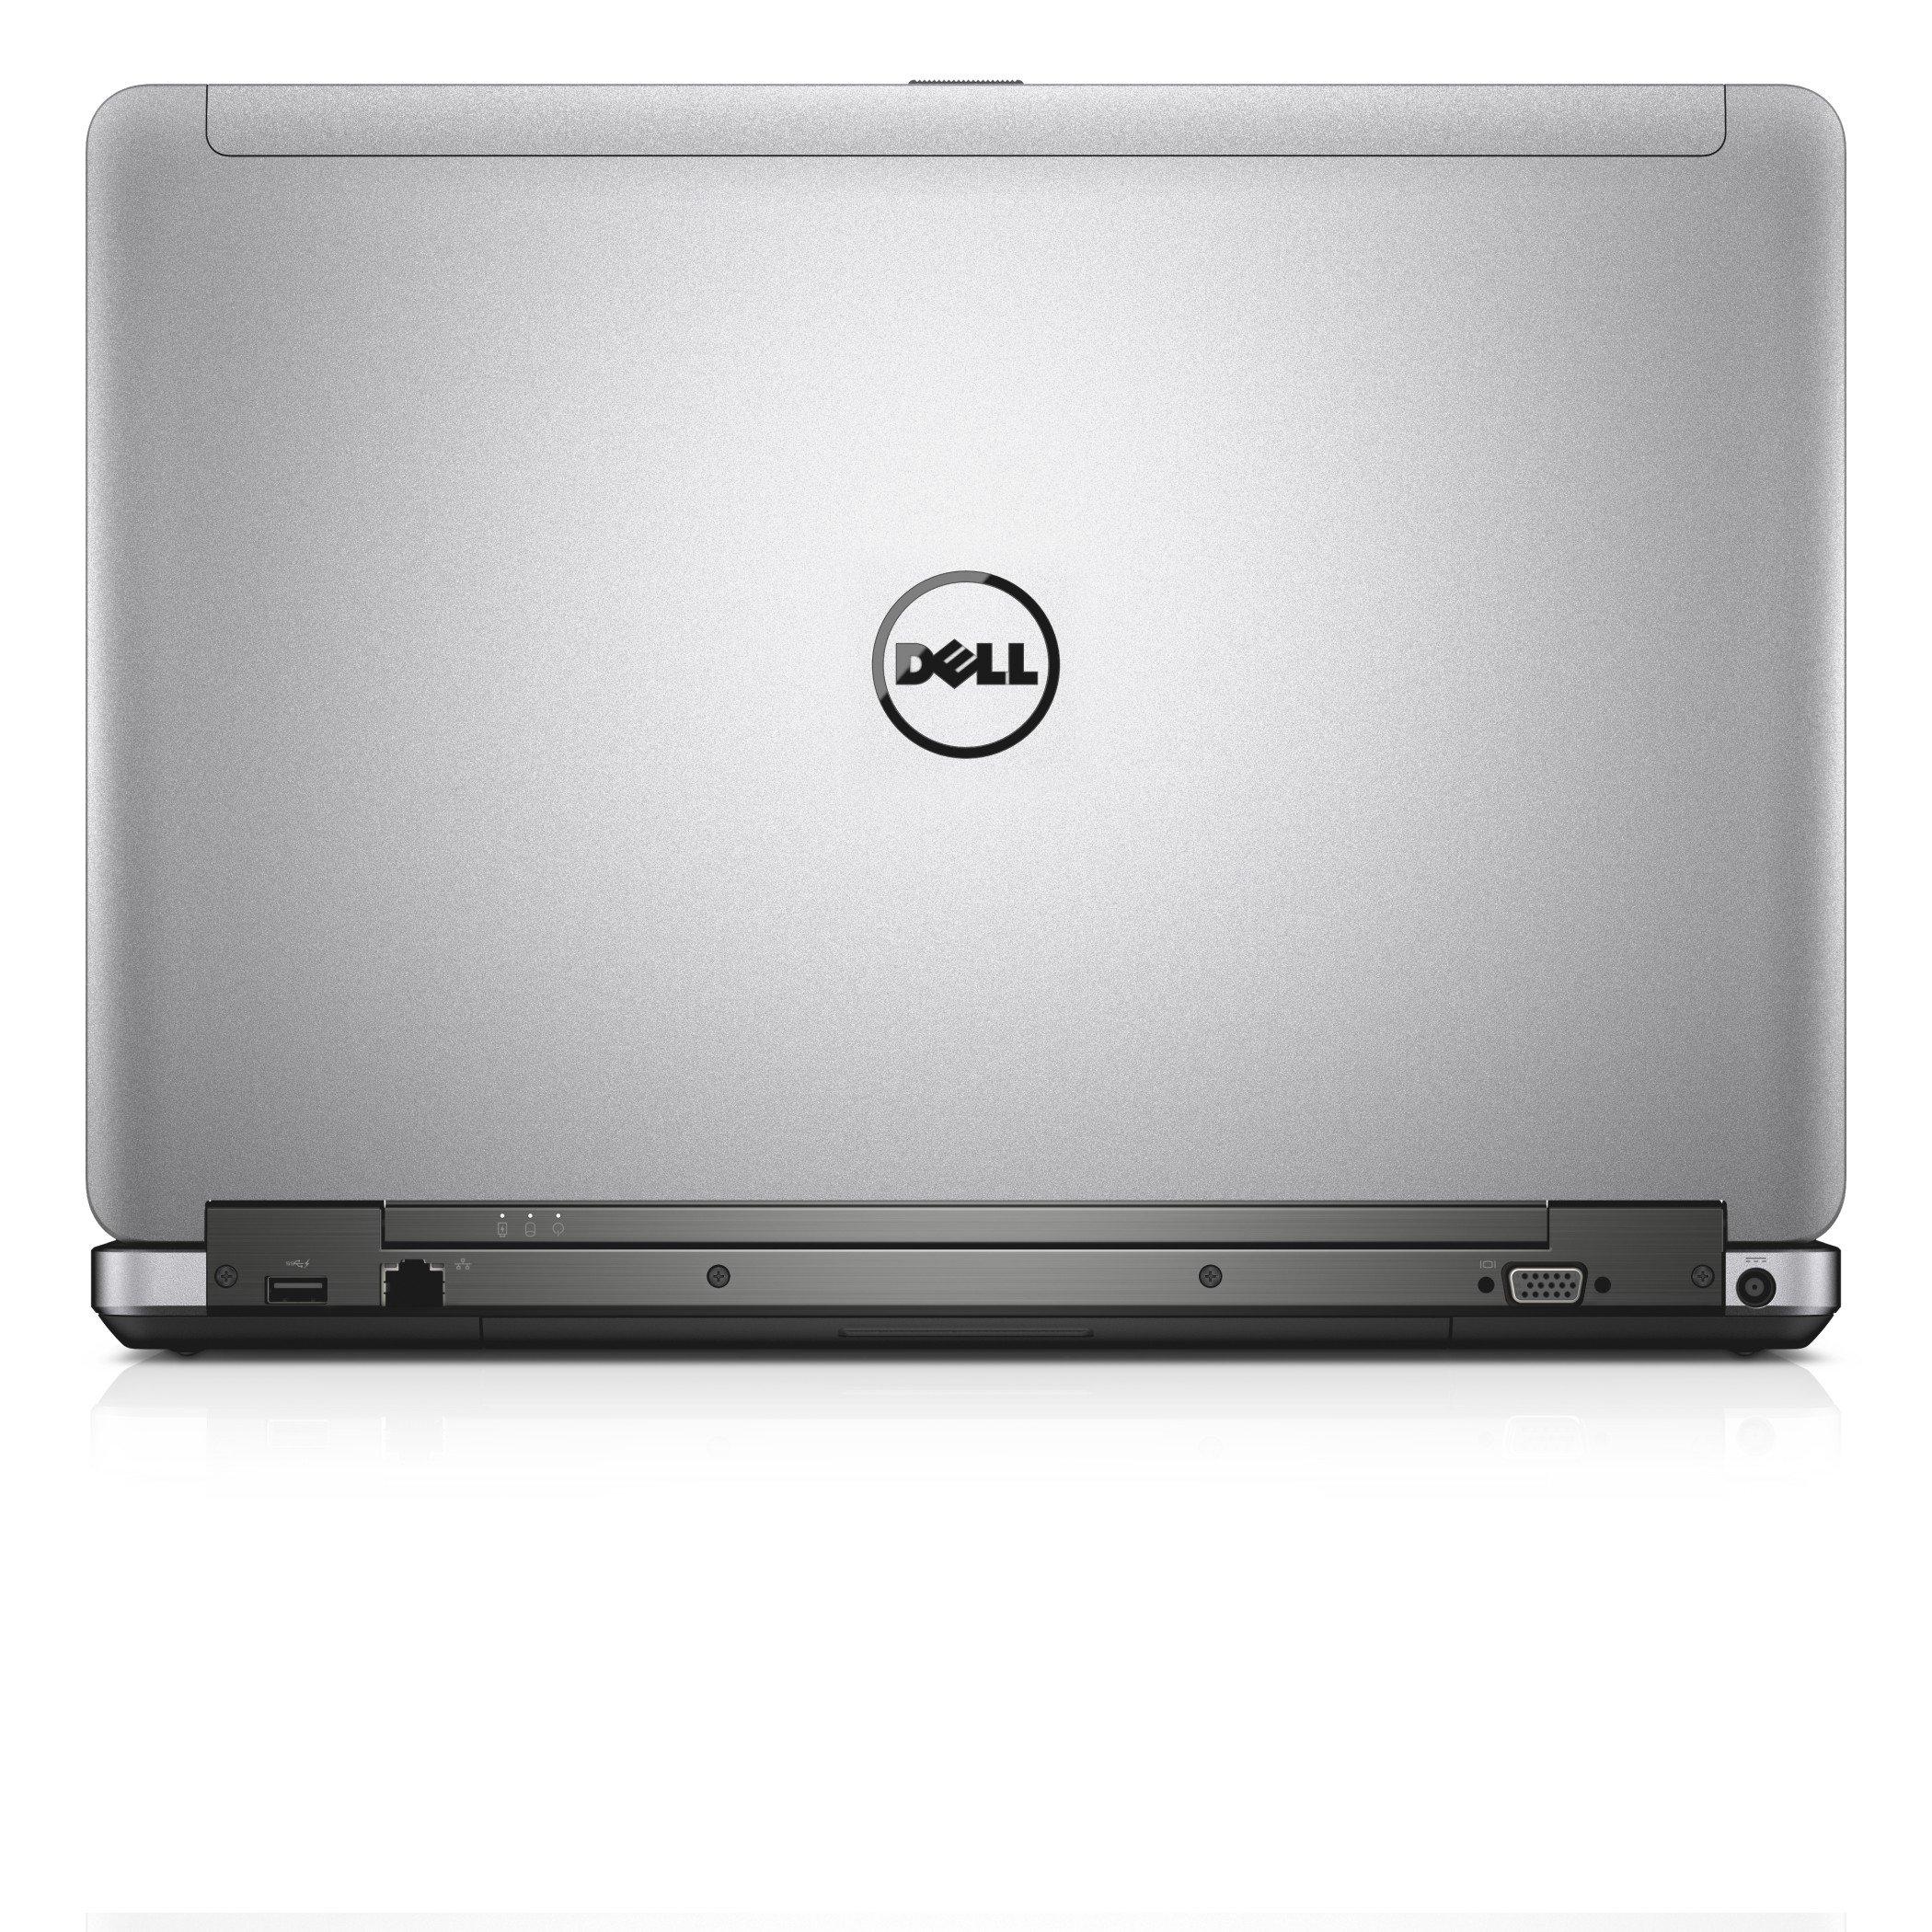 Dell Latitude 15 6000 E6540 I7 Quad Core Astringo